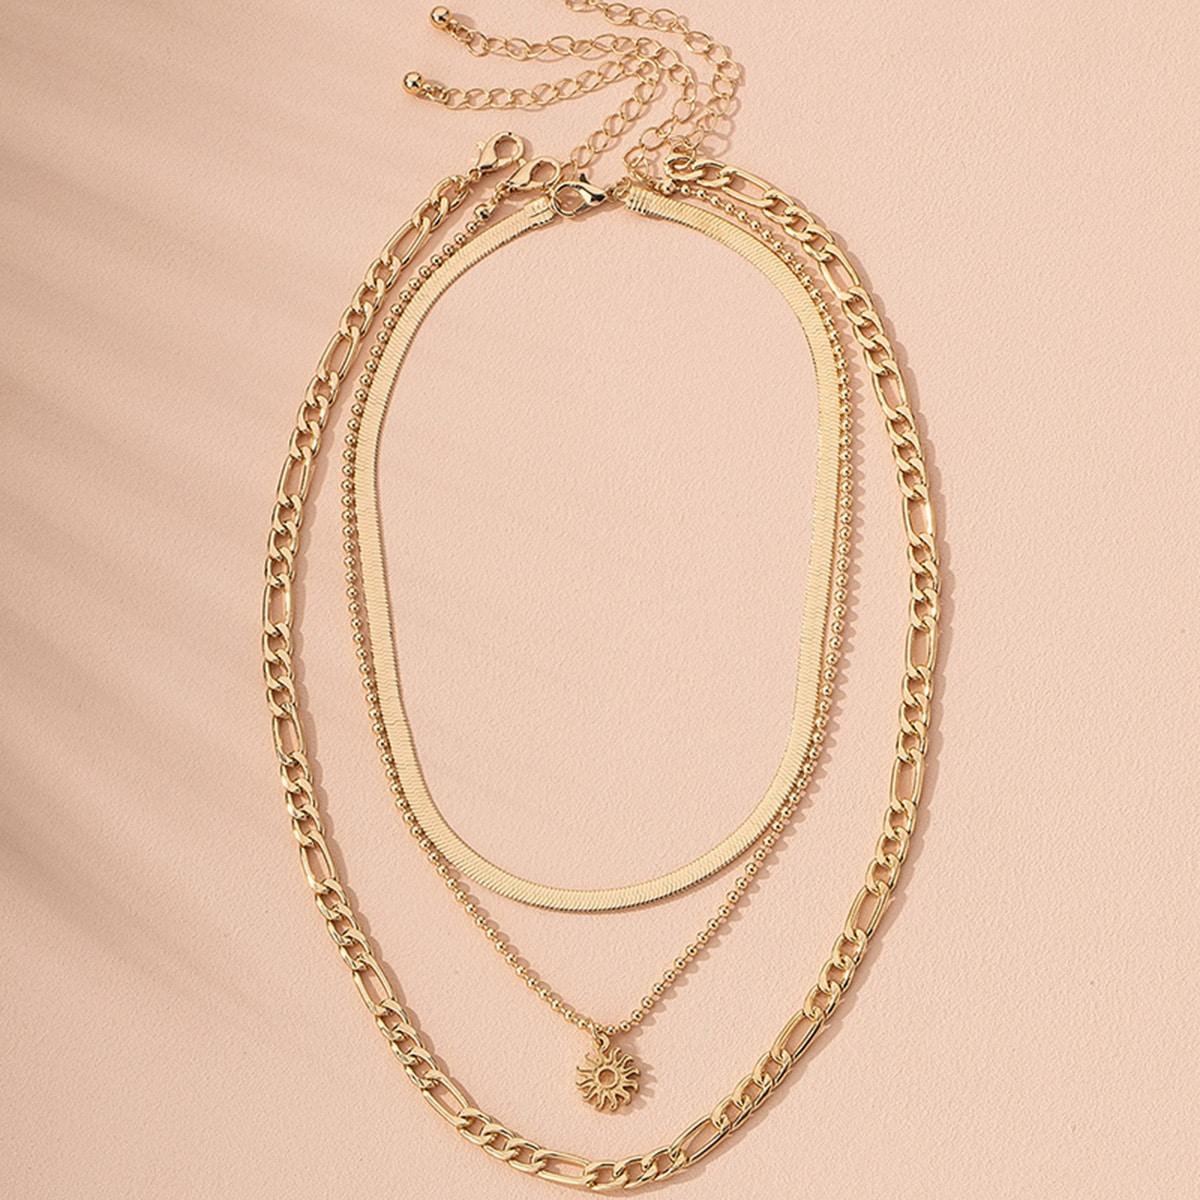 3шт мужское ожерелье с декором солнца от SHEIN